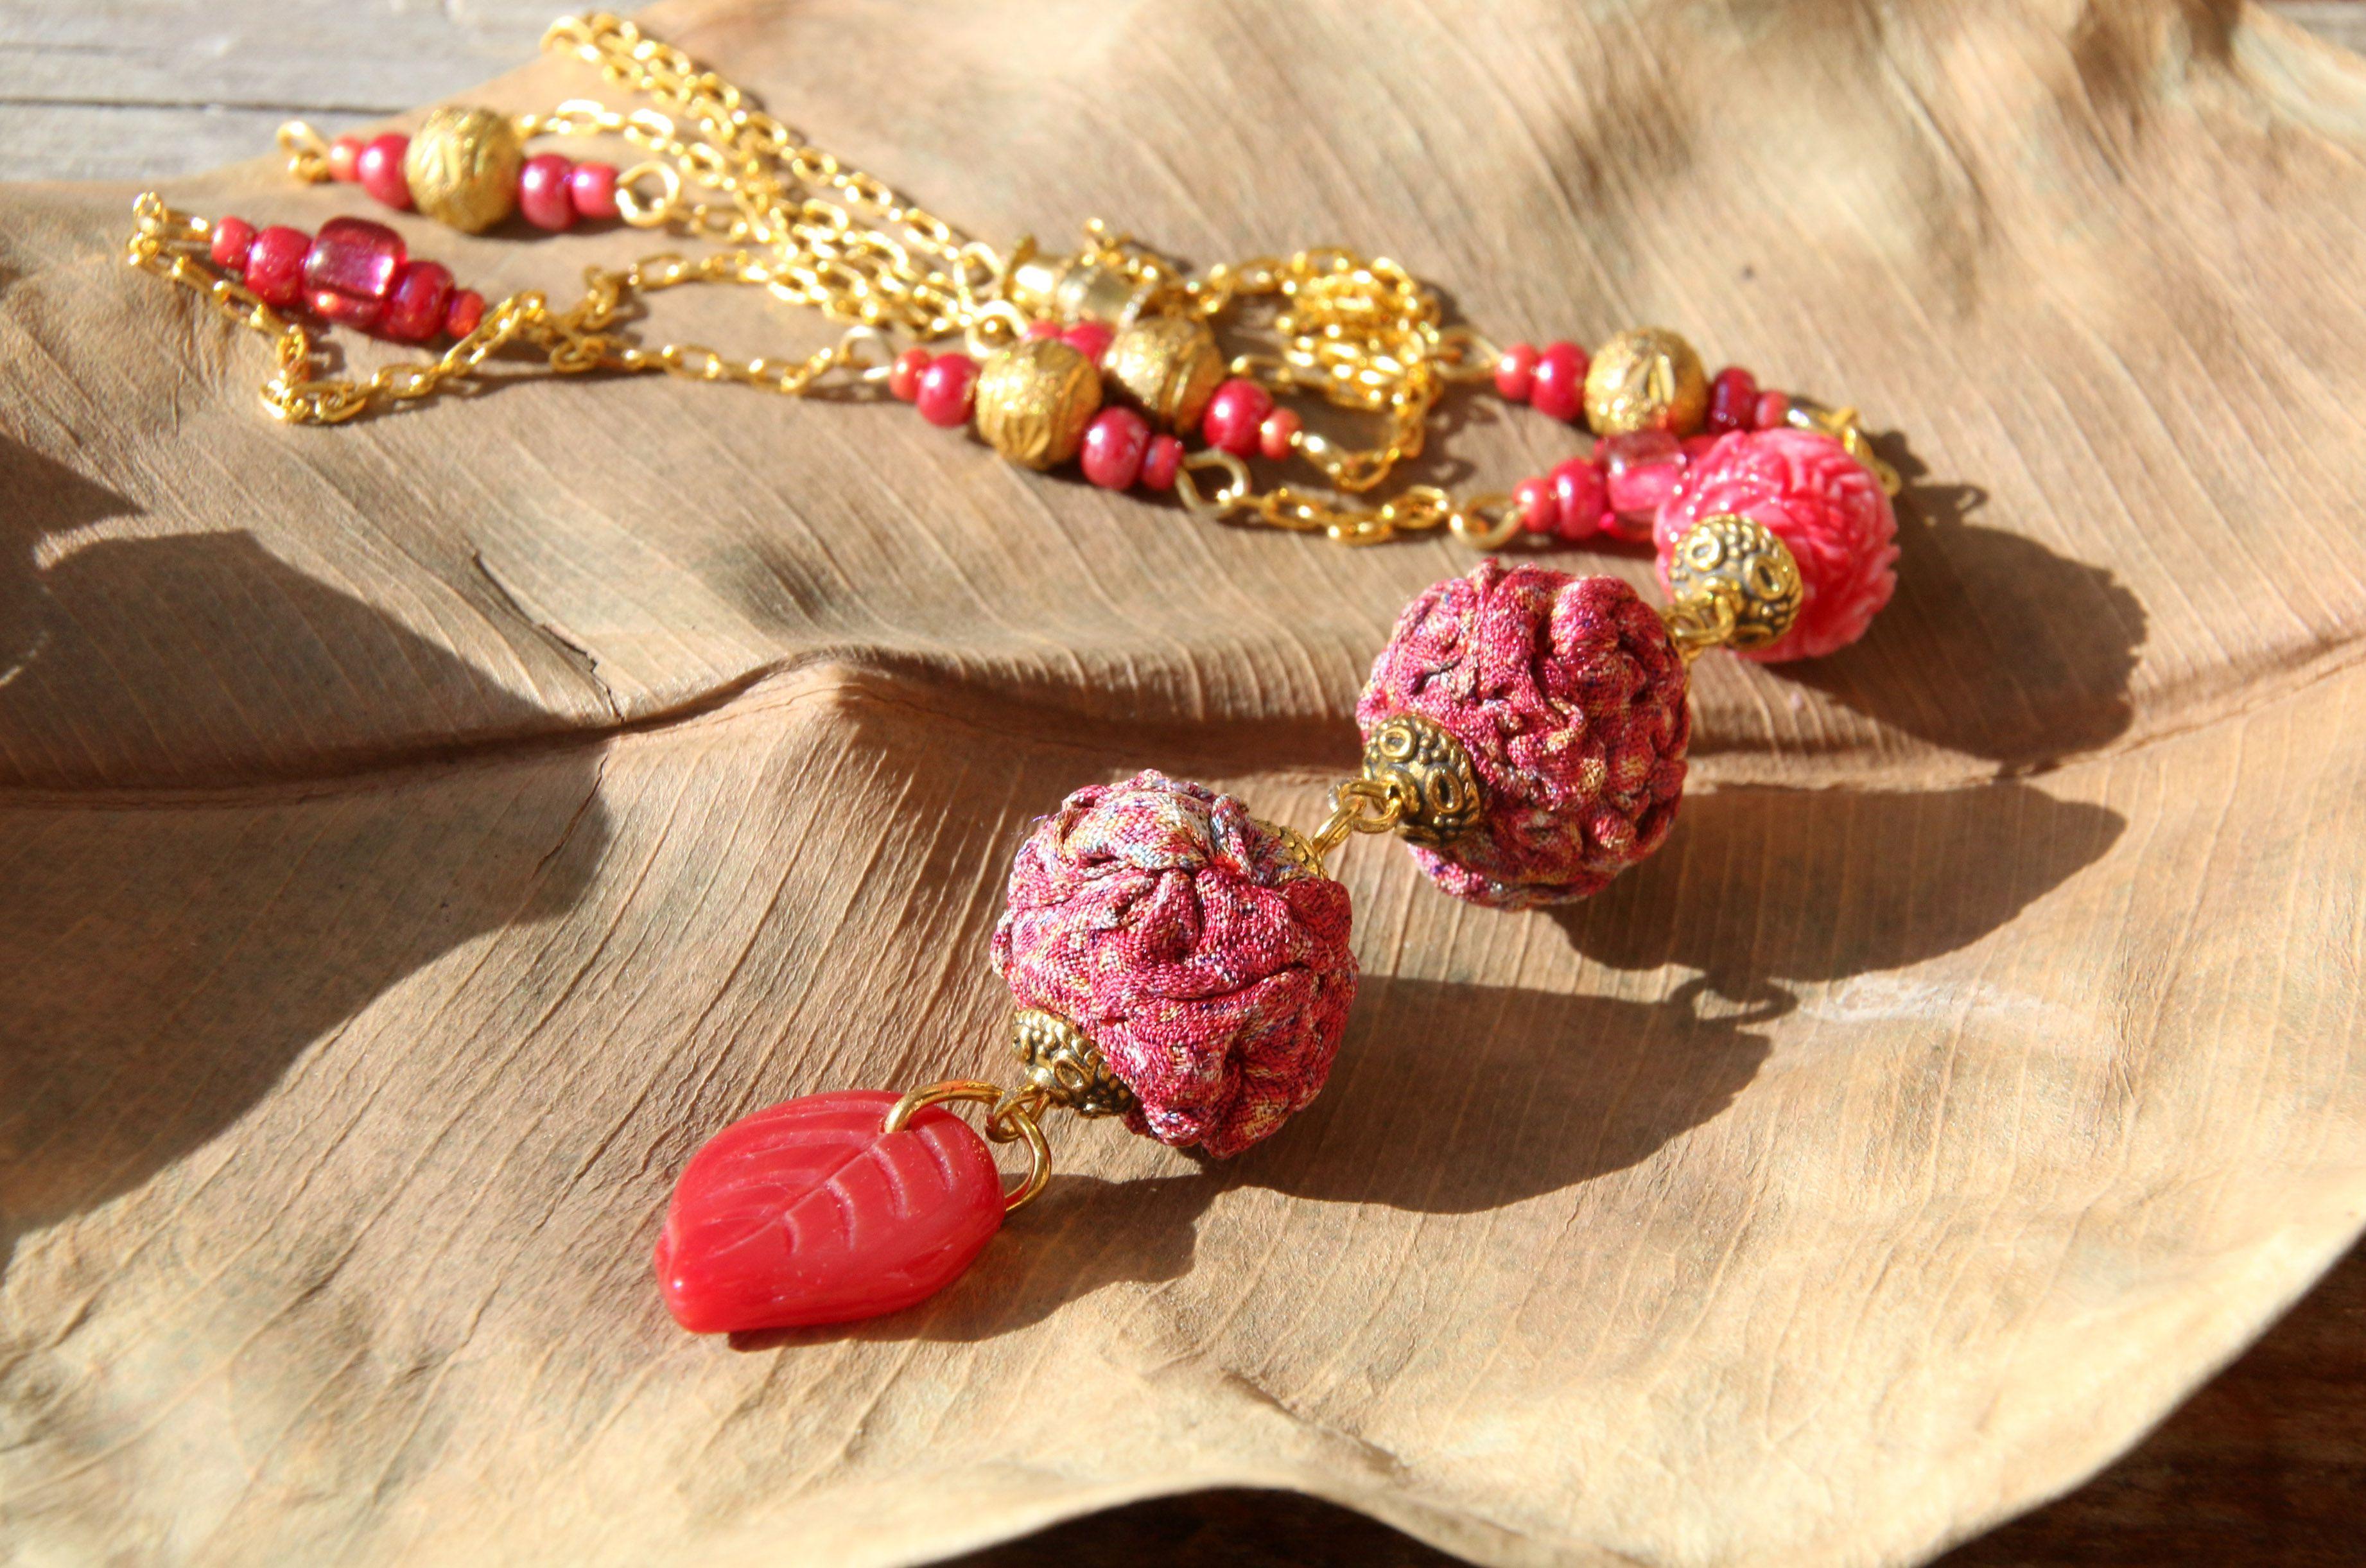 золотистый кулон бусины длинный красный авторский брусничный пестрые темнорозовый текстильные подвес